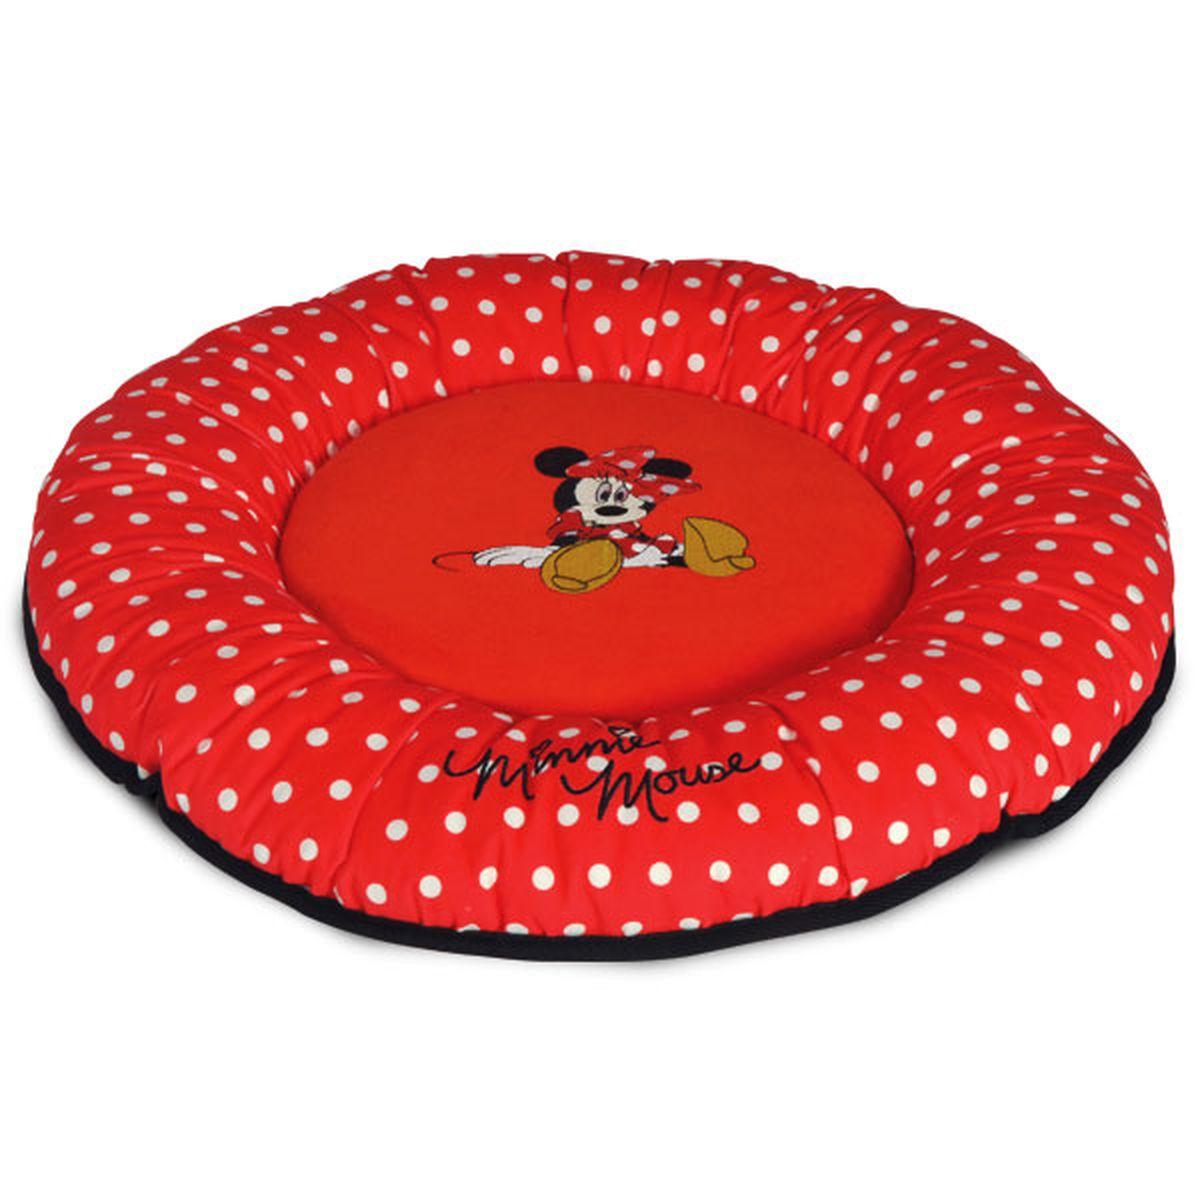 Лежанка Triol Disney Minnie-2, 50 х 50 х 7 см10012042Лежанка из мягкого велюра с изображением известного персонажа DISNEY Minnie. Яркая и нарядная, модная во все времена ткань в горошек. Дно выполнено из водонепроницаемой ткани черного цвета. Этот тип лежанок рекомендуется собачкам и кошкам, которые любят спать или валяться, вытянув лапы, - она не имеет высокого бортика, стесняющего свободу движения питомца. Лежанка поставляется в полипропиленовом пакете на молнии с веревочными ручками, который в дальнейшем удобно использовать для хранения. Компактная складная лежанка с покрытием из мягкого велюра с изображением известного персонажа DISNEY. Дно выполнено из водонепроницаемой ткани.